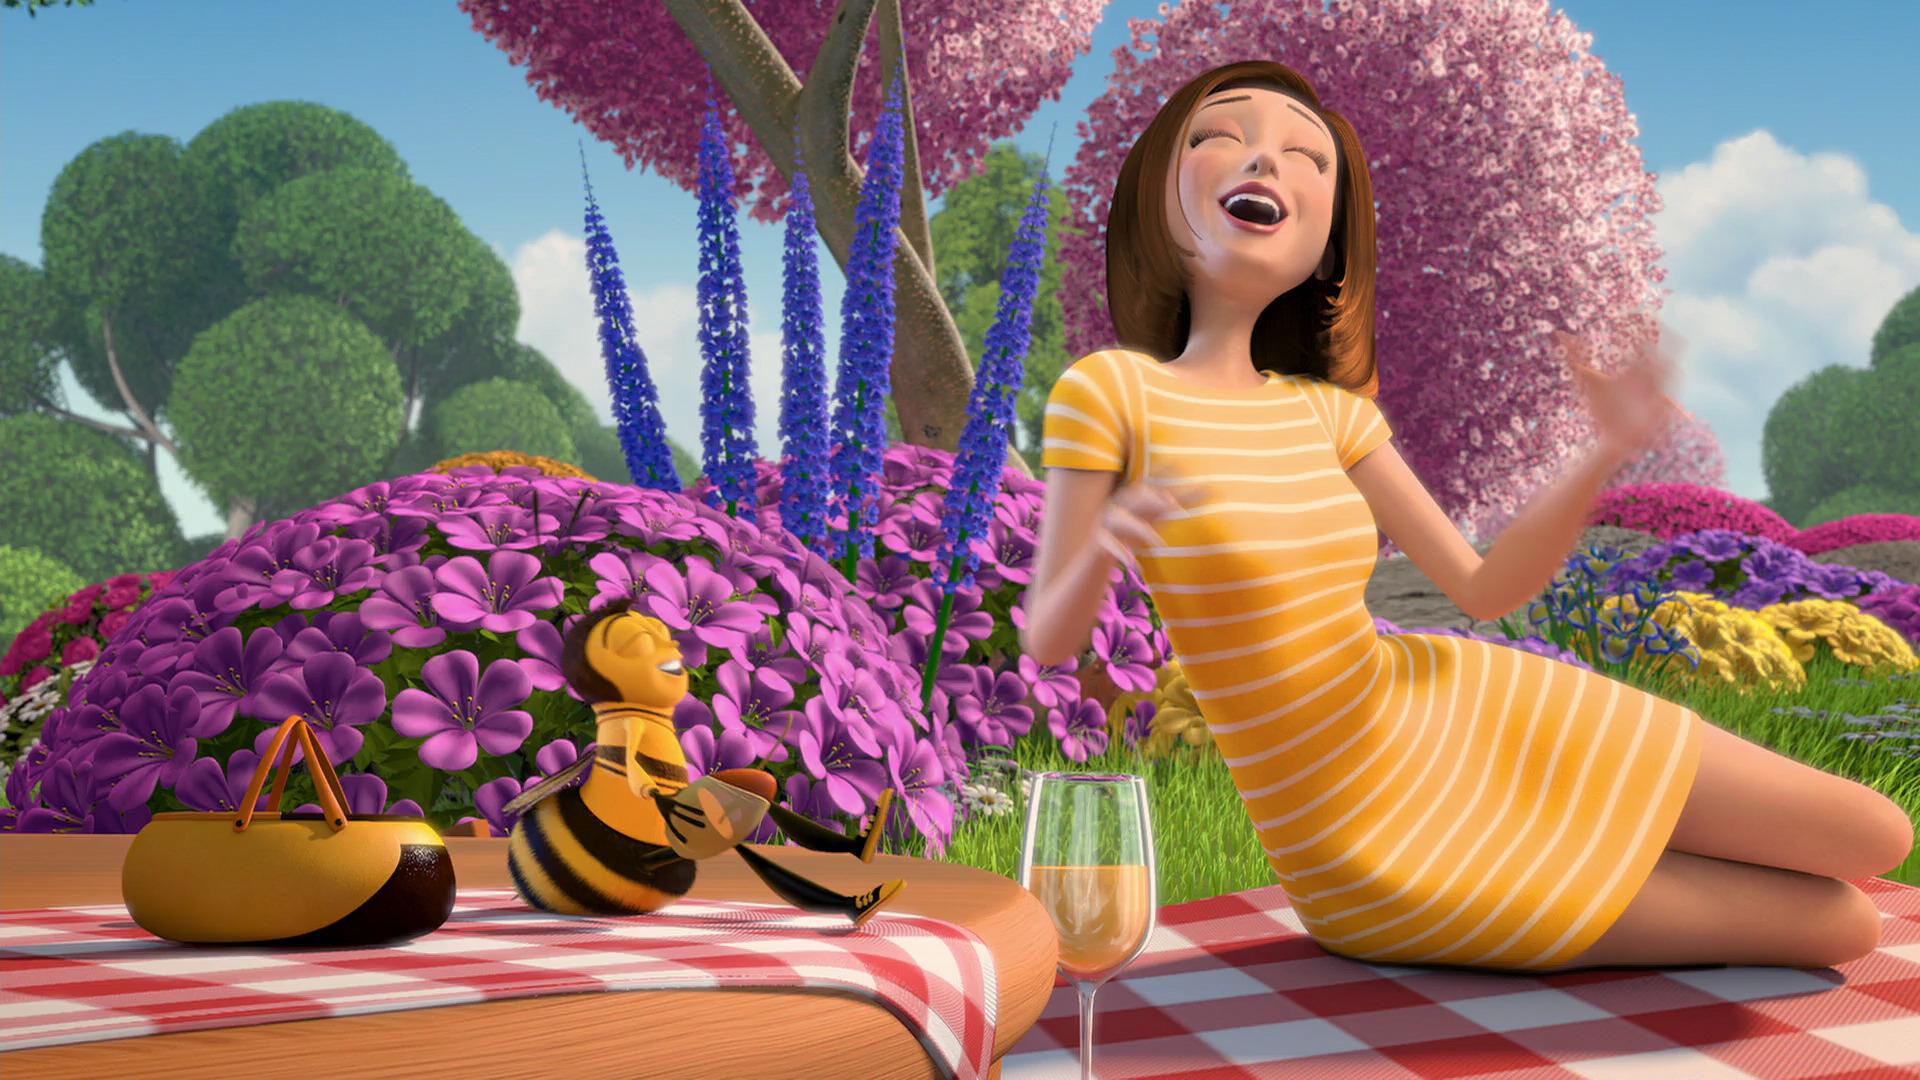 Bee-movie-disneyscreencaps com-...